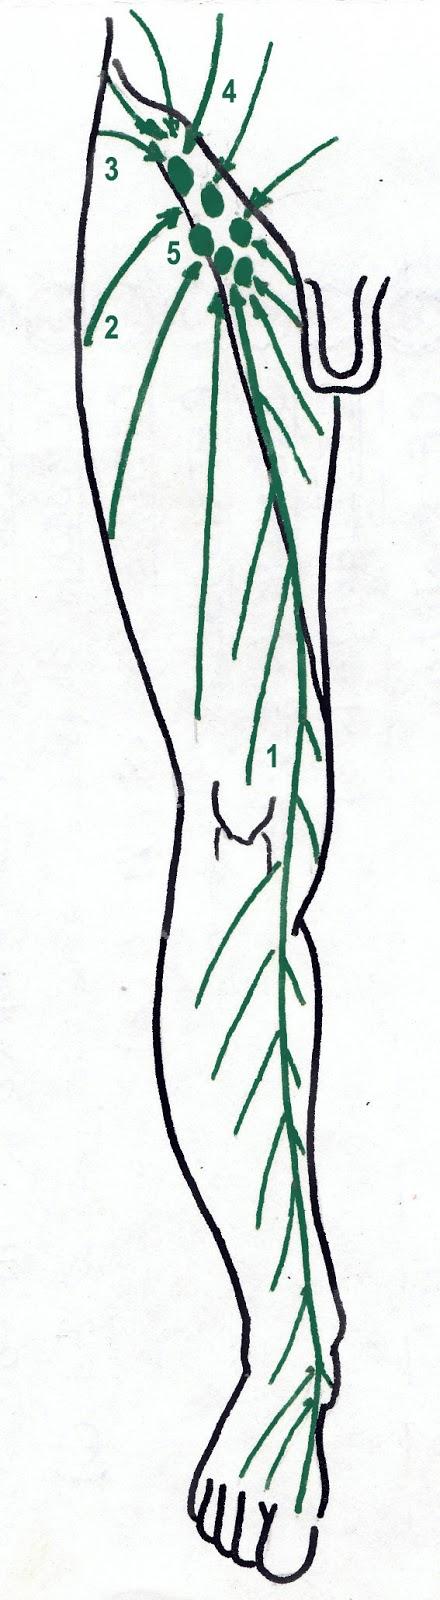 El Drenaje Linfático Manual: Anatomía Linfática del Miembro Inferior